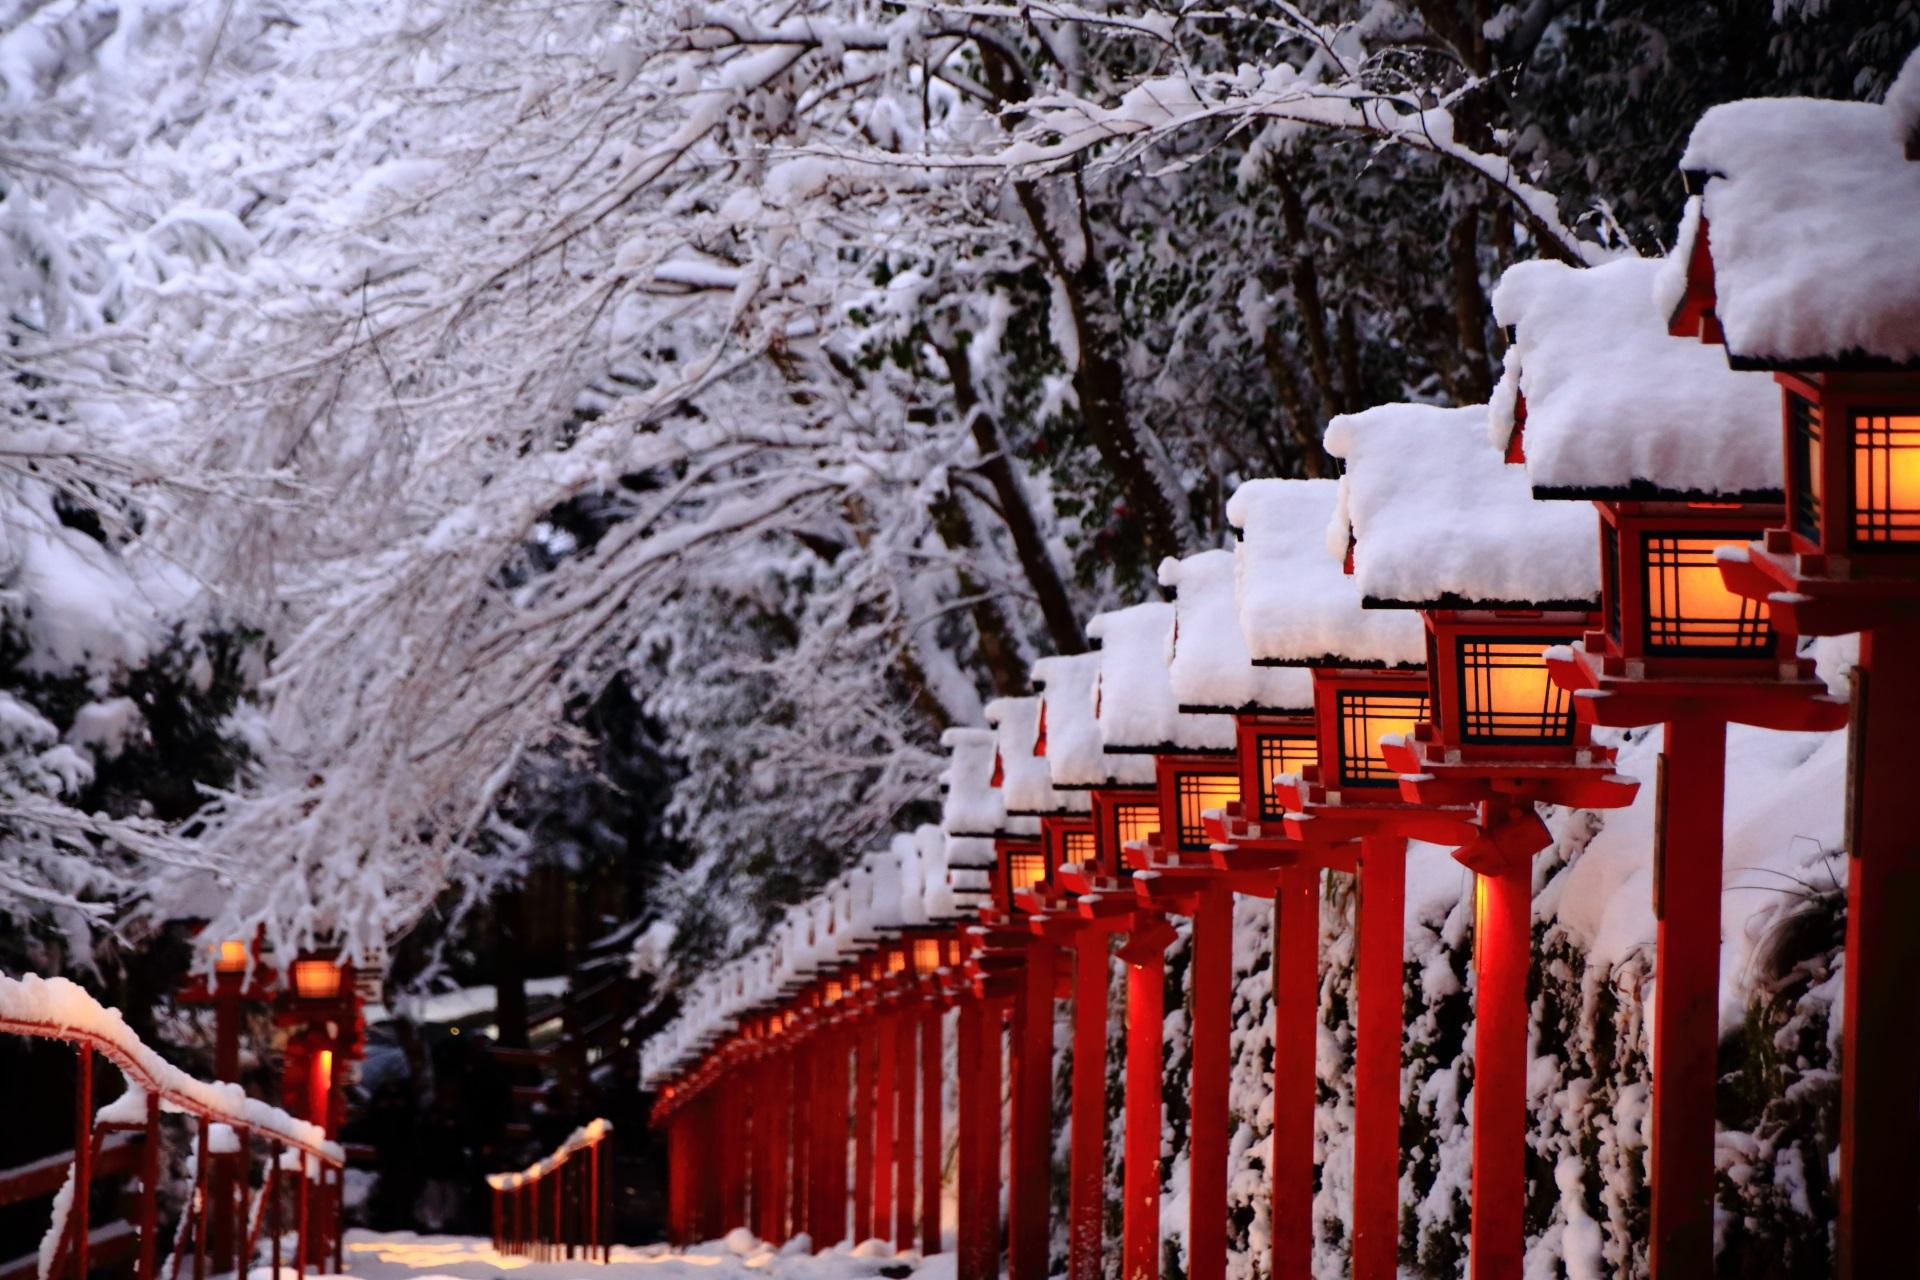 貴船神社の雪に染まる明かりの灯る燈籠